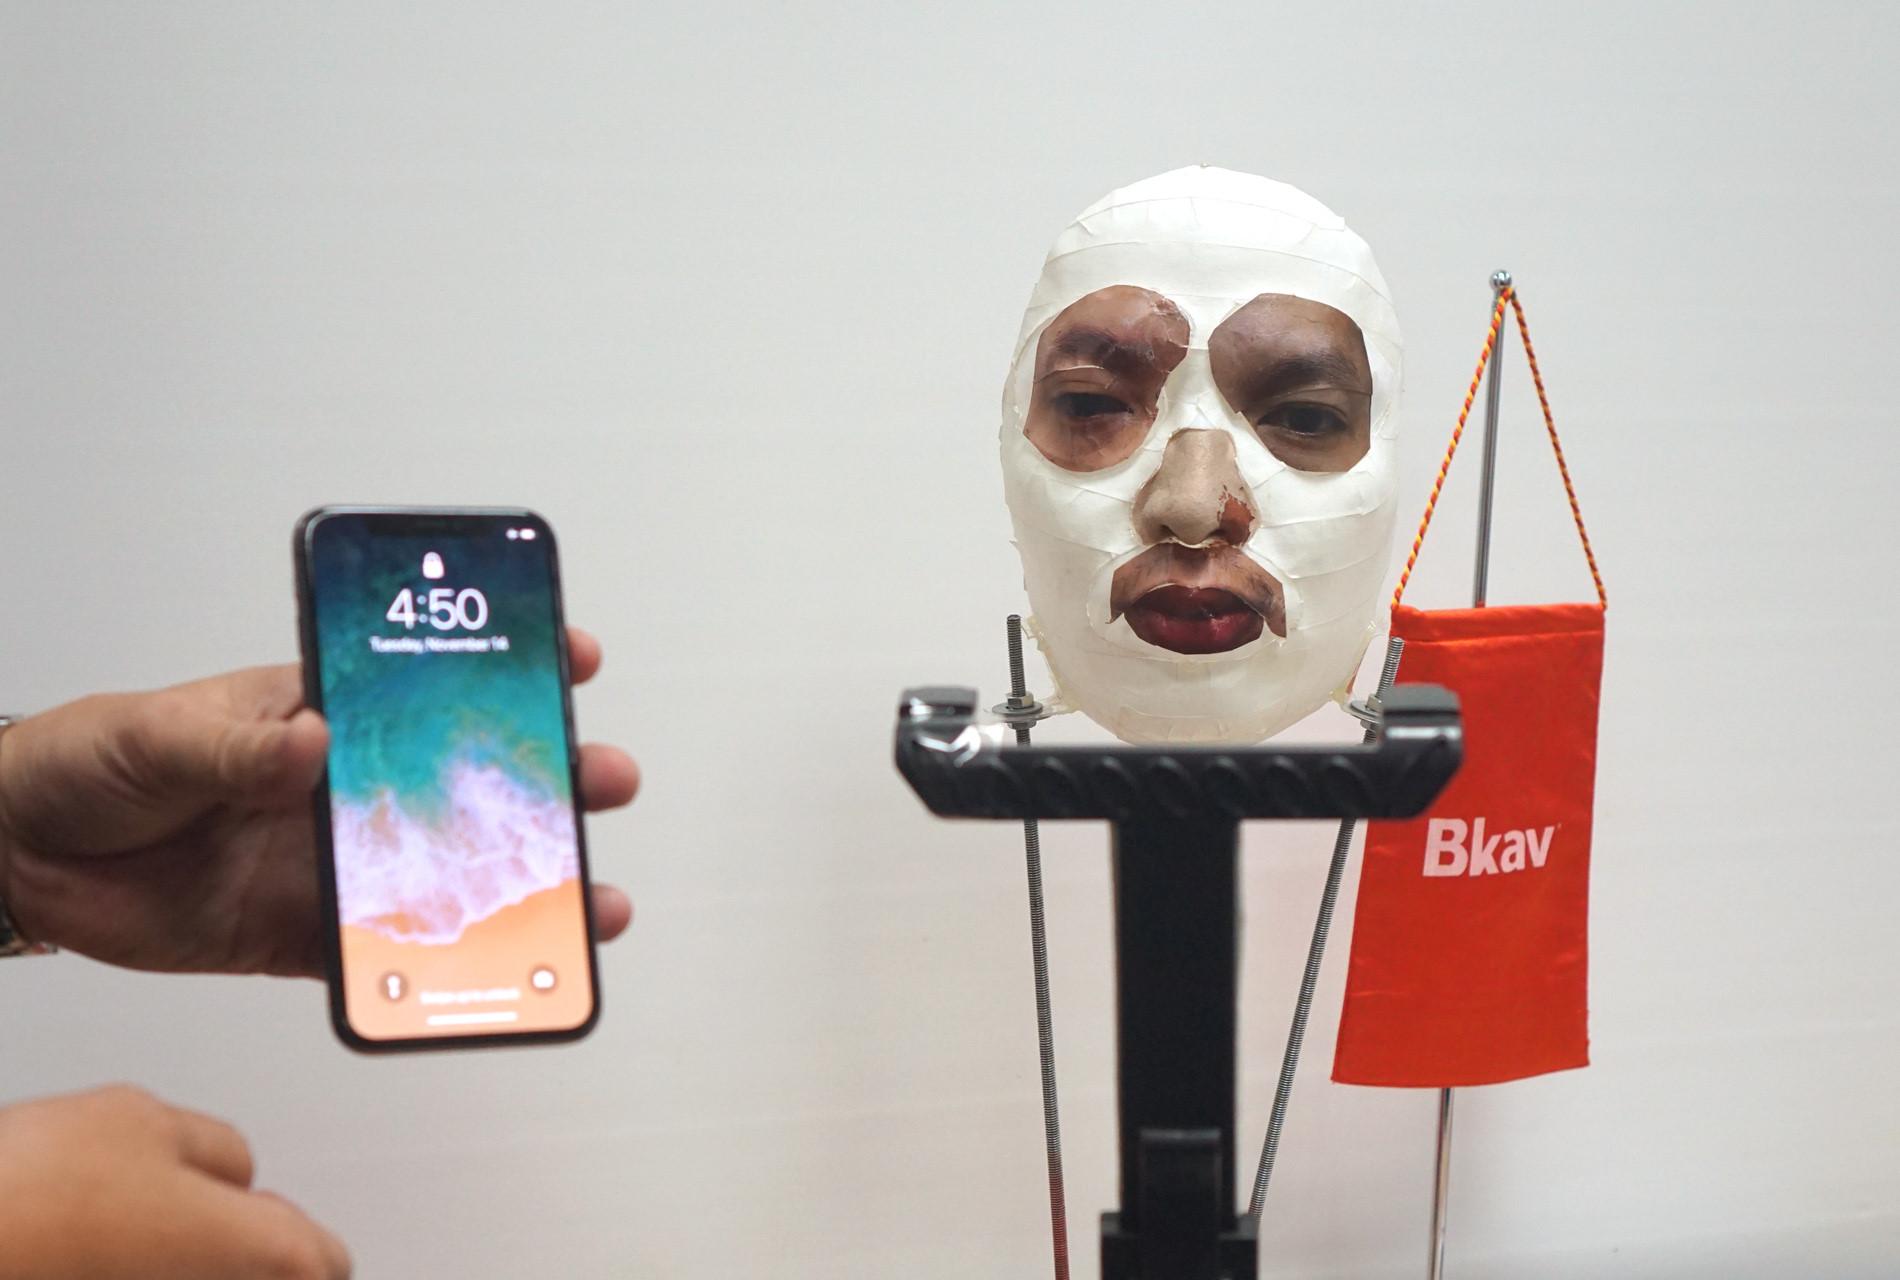 Mục đích của Bkav là gì khi vạch trần lỗ hổng Face ID?